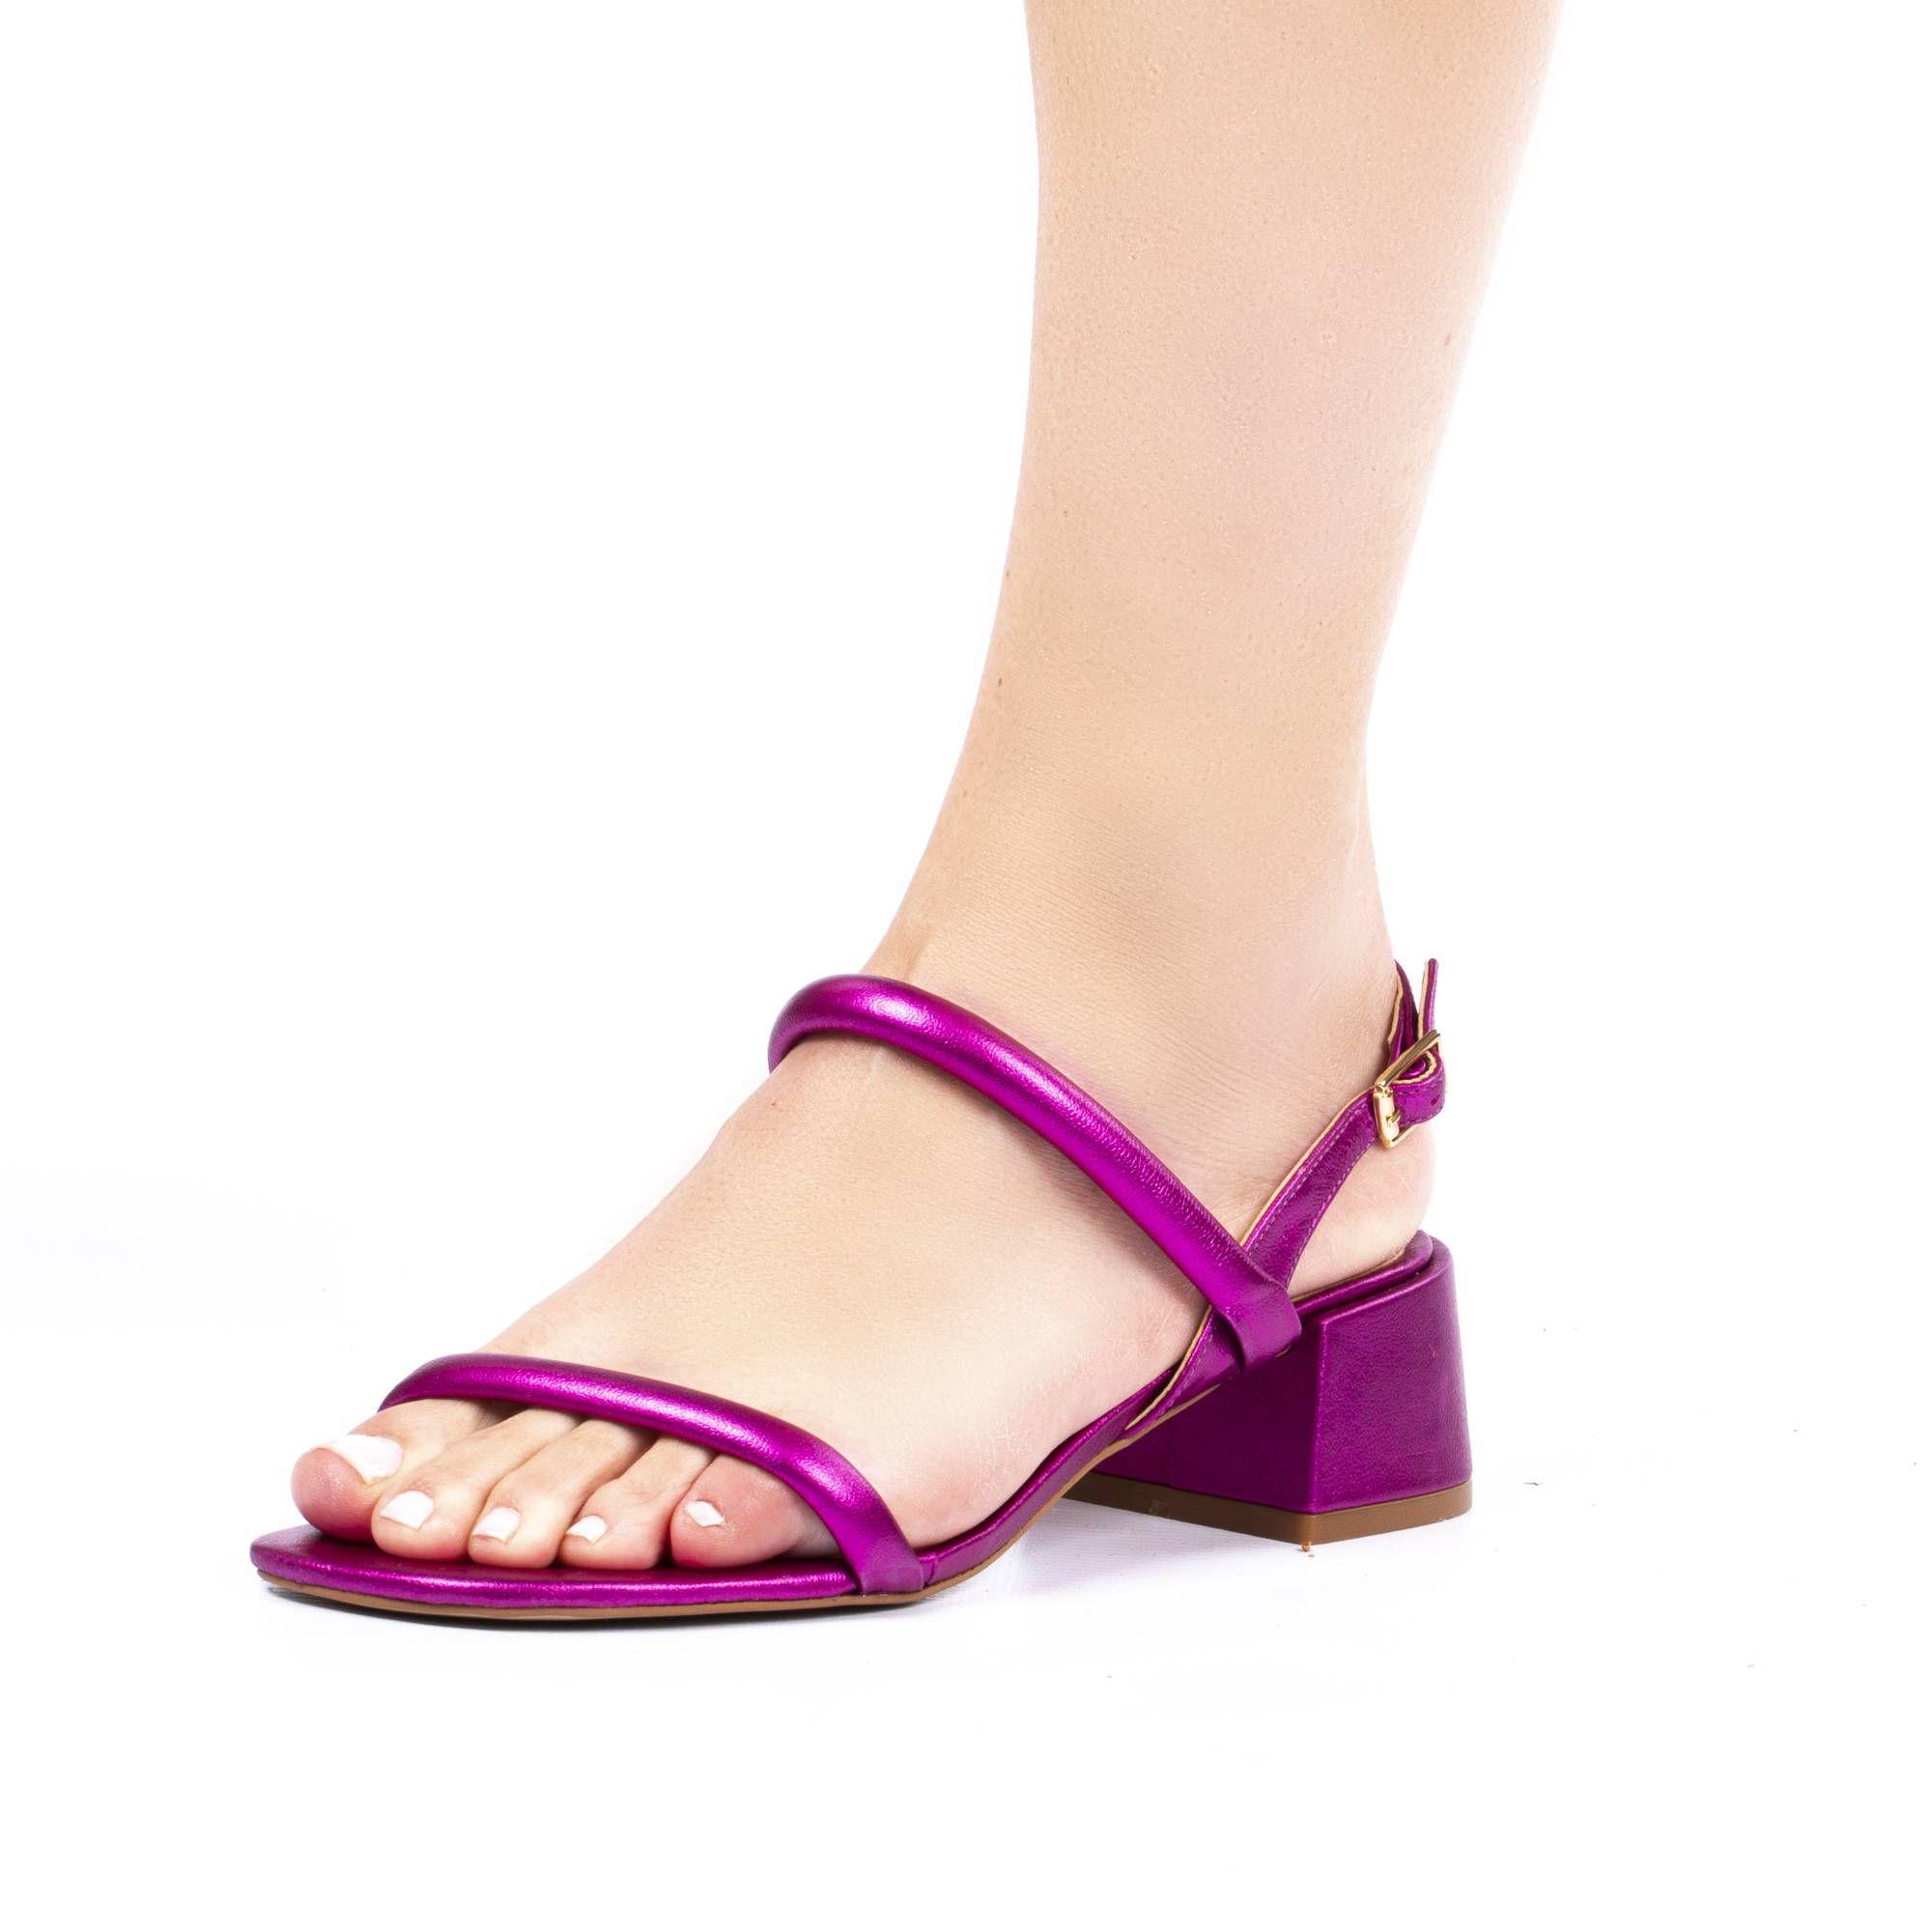 Sandália Salto Baixo Hits Calçados